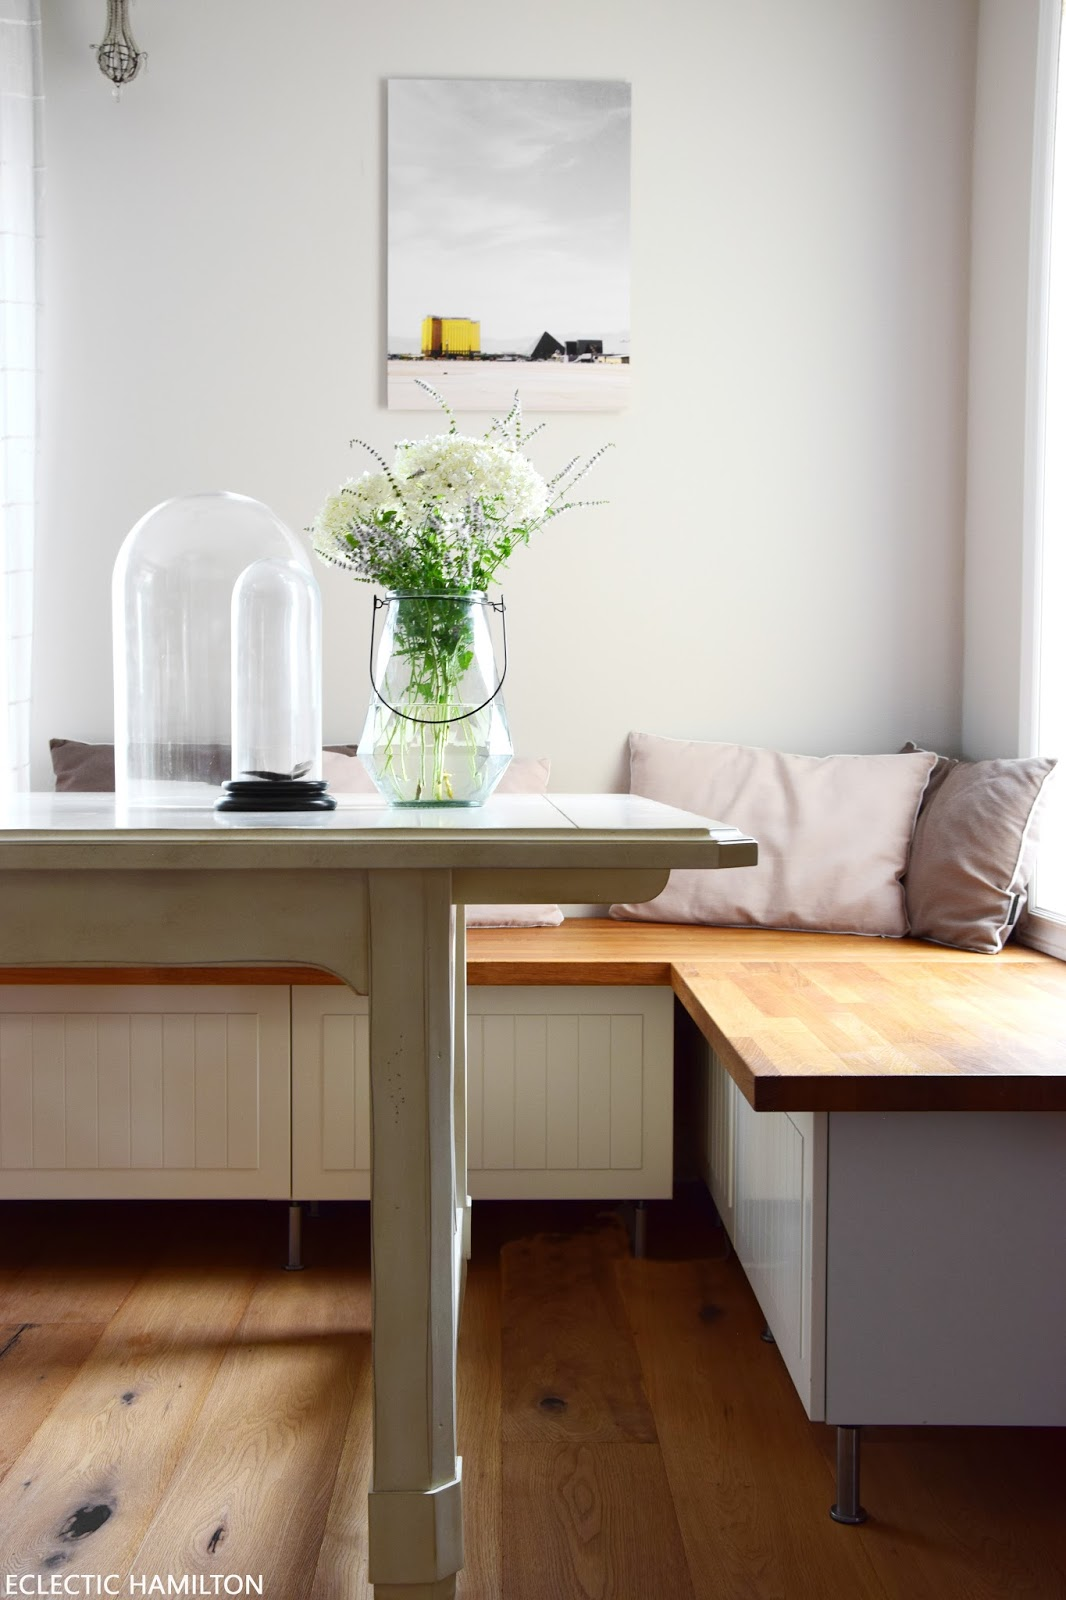 wie ihr aus urlaubsbildern kleine kunstwerke macht in kooperation mit posterxxl gutscheine. Black Bedroom Furniture Sets. Home Design Ideas